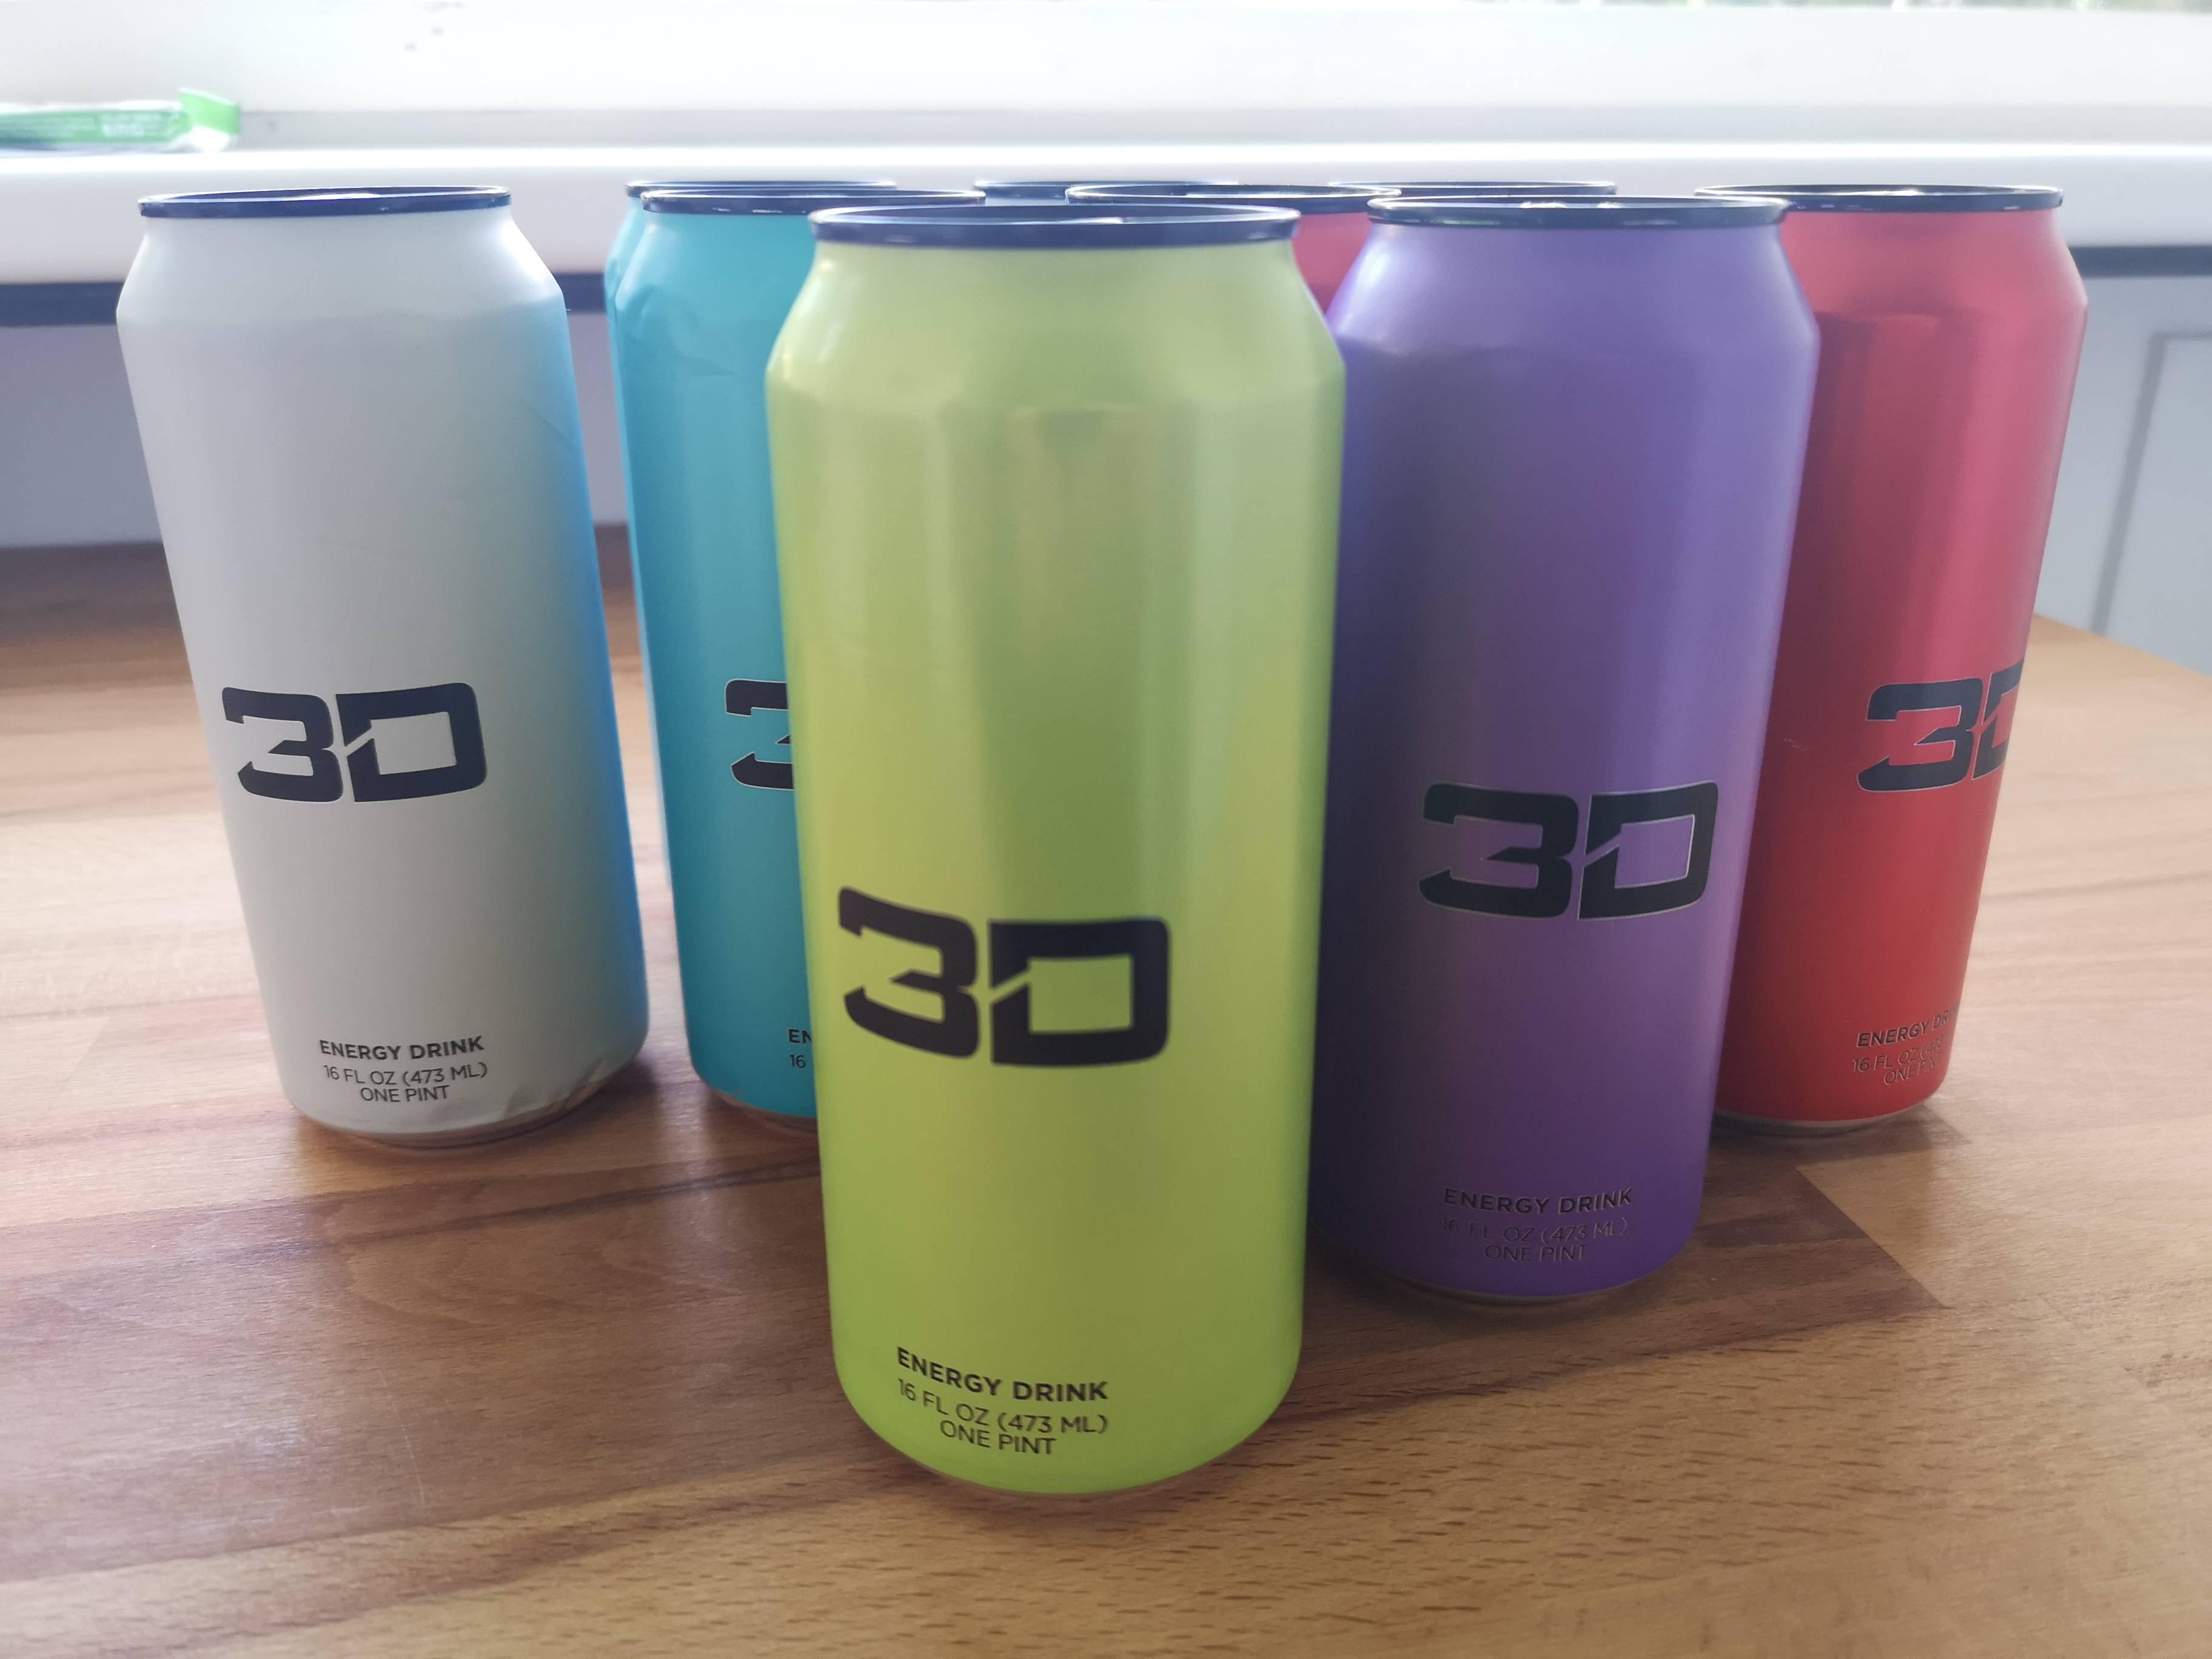 3D Energy Drink Test